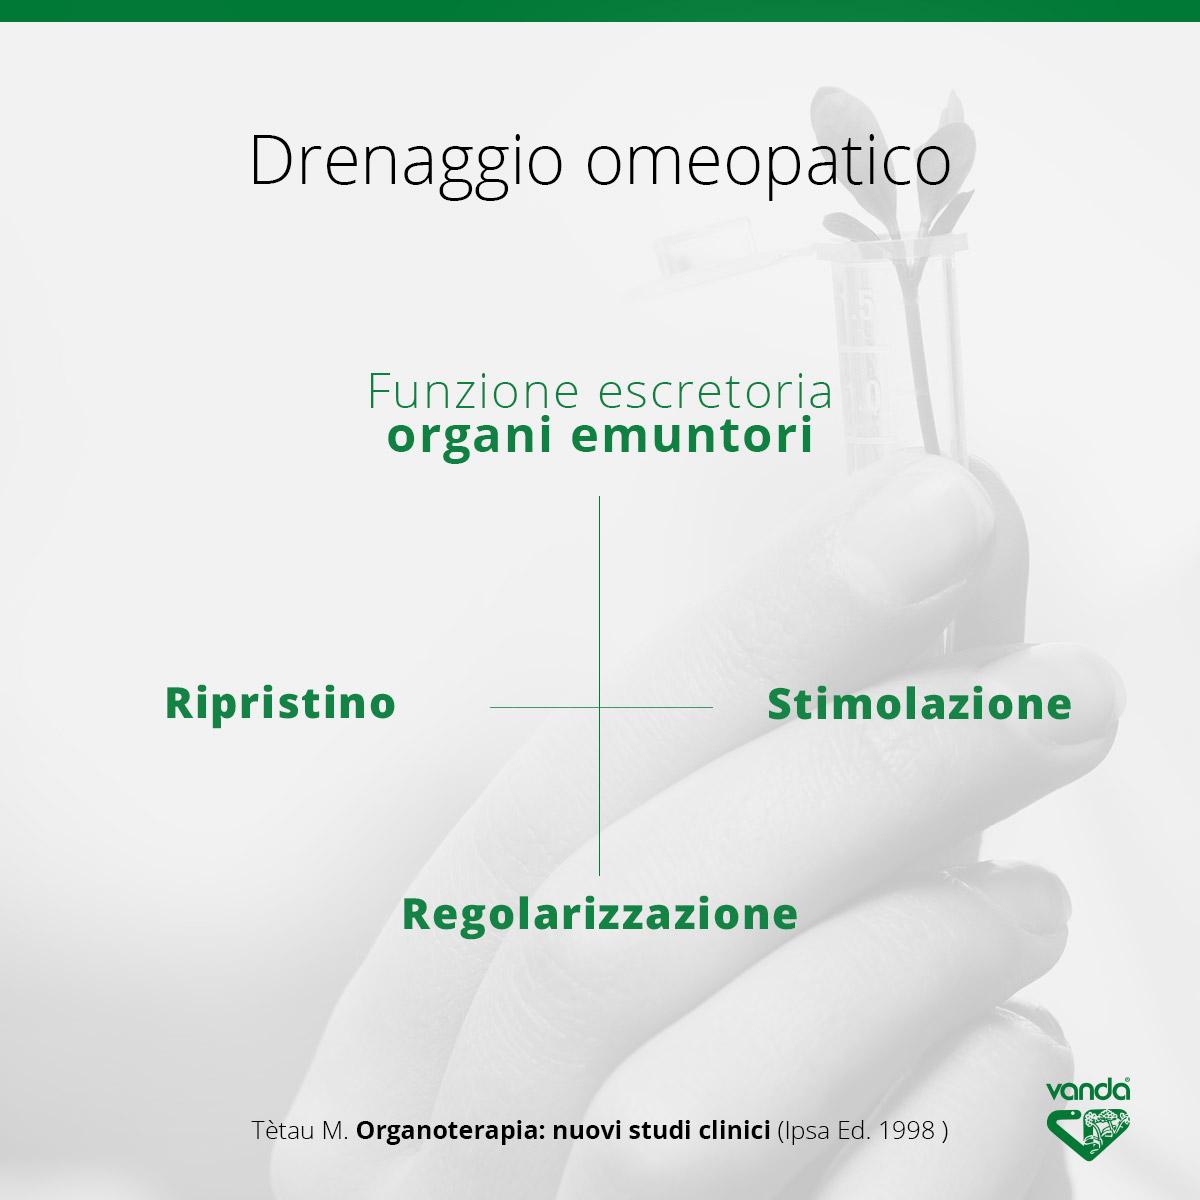 drenaggio omeopatico fegato e reni